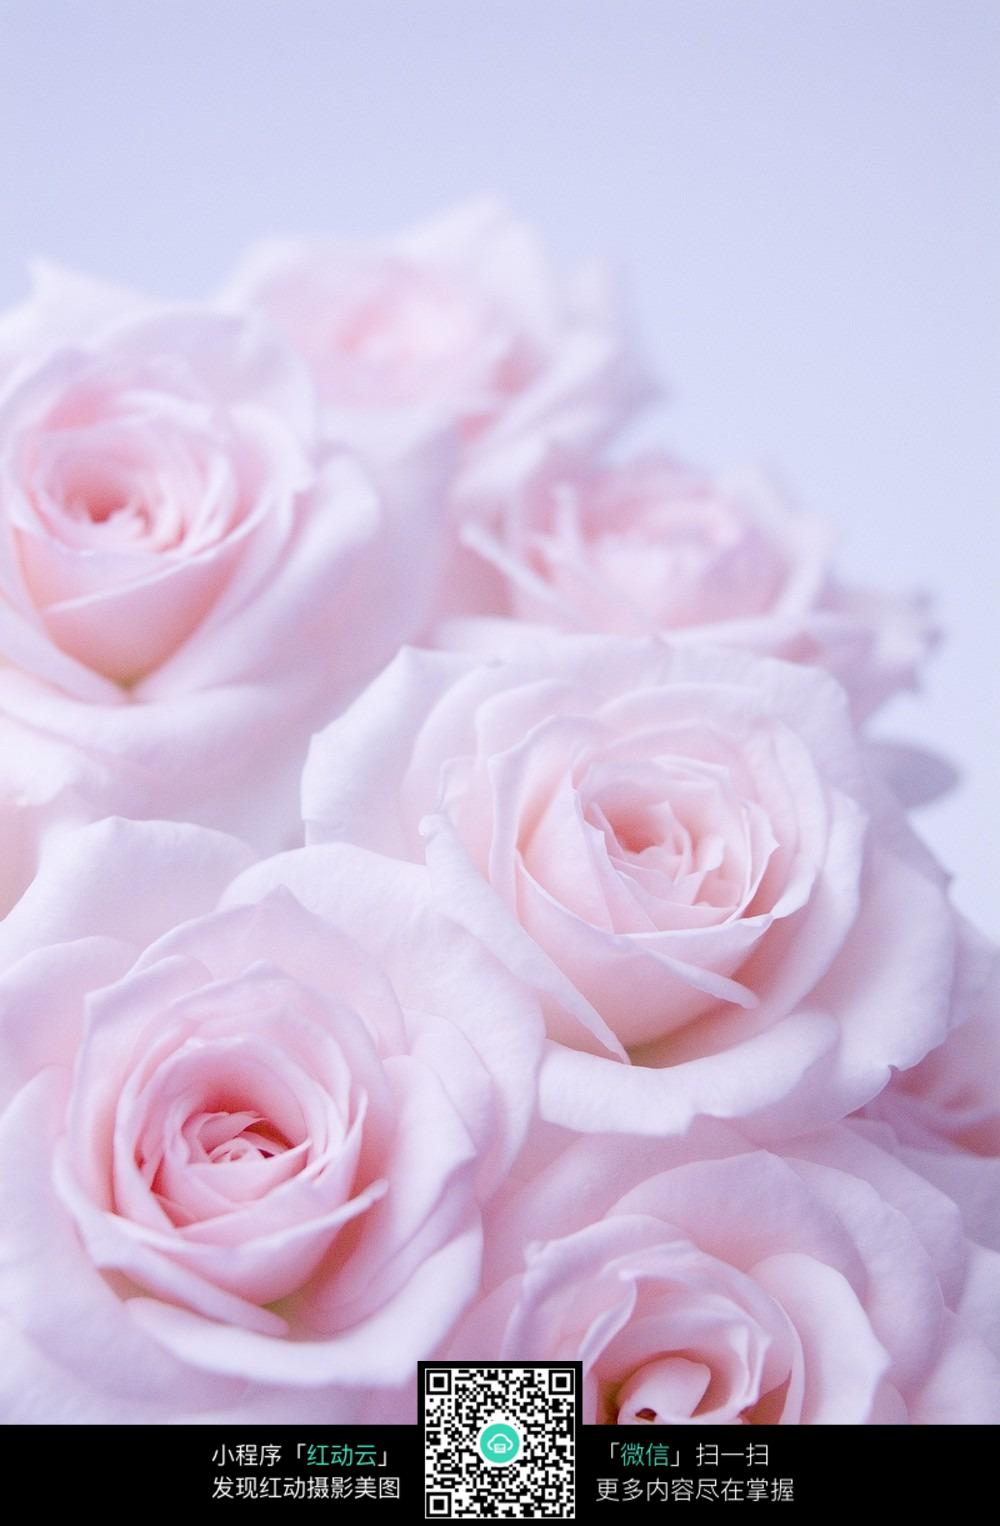 粉色玫瑰花背景图图片免费下载 编号3828392 红动网图片